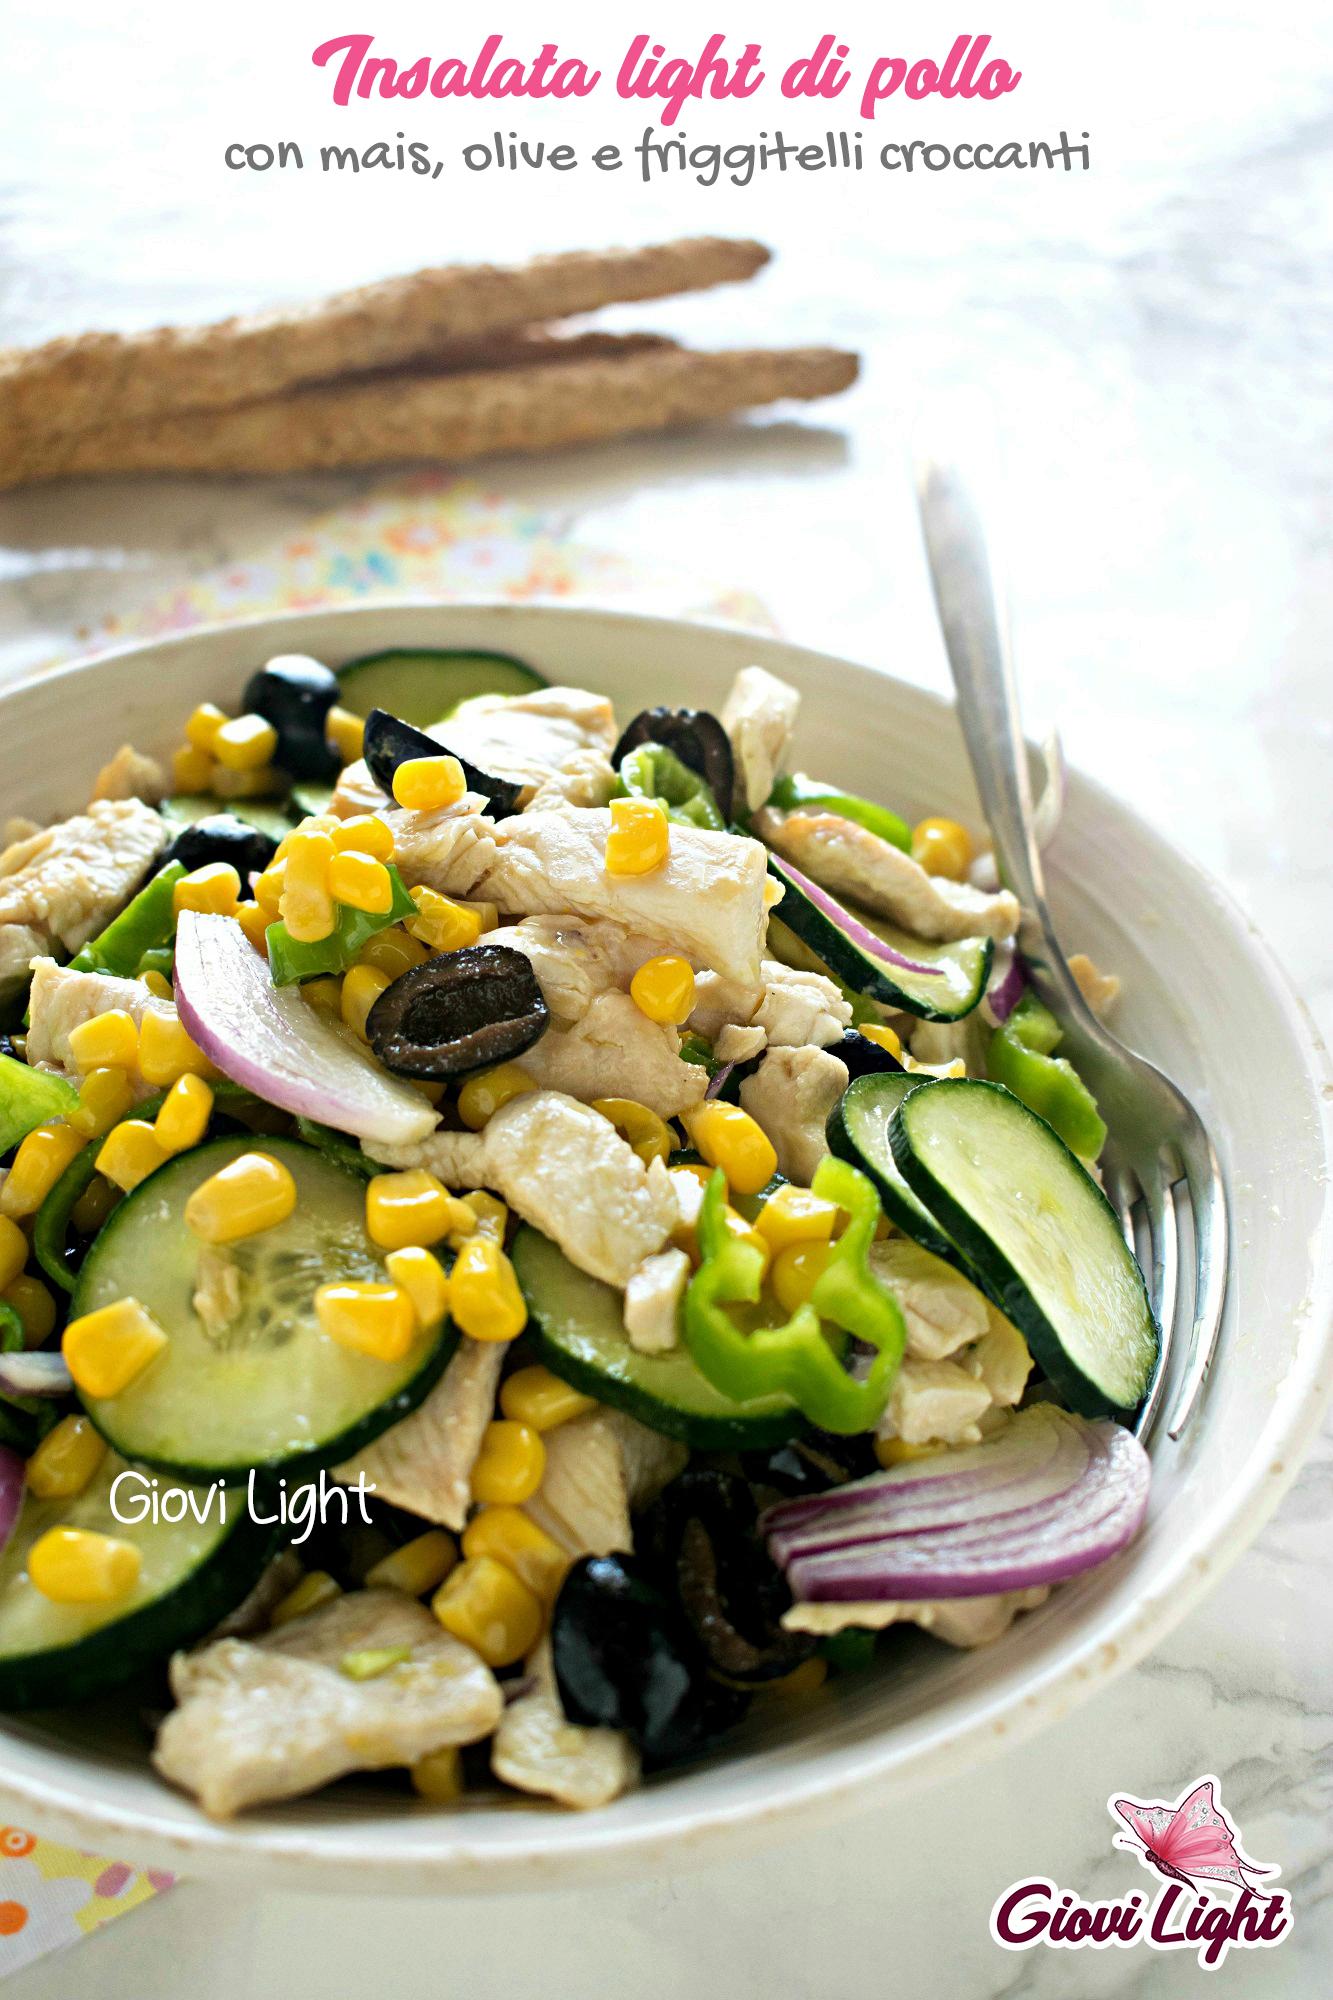 Insalata light di pollo con mais, olive e friggitelli croccanti